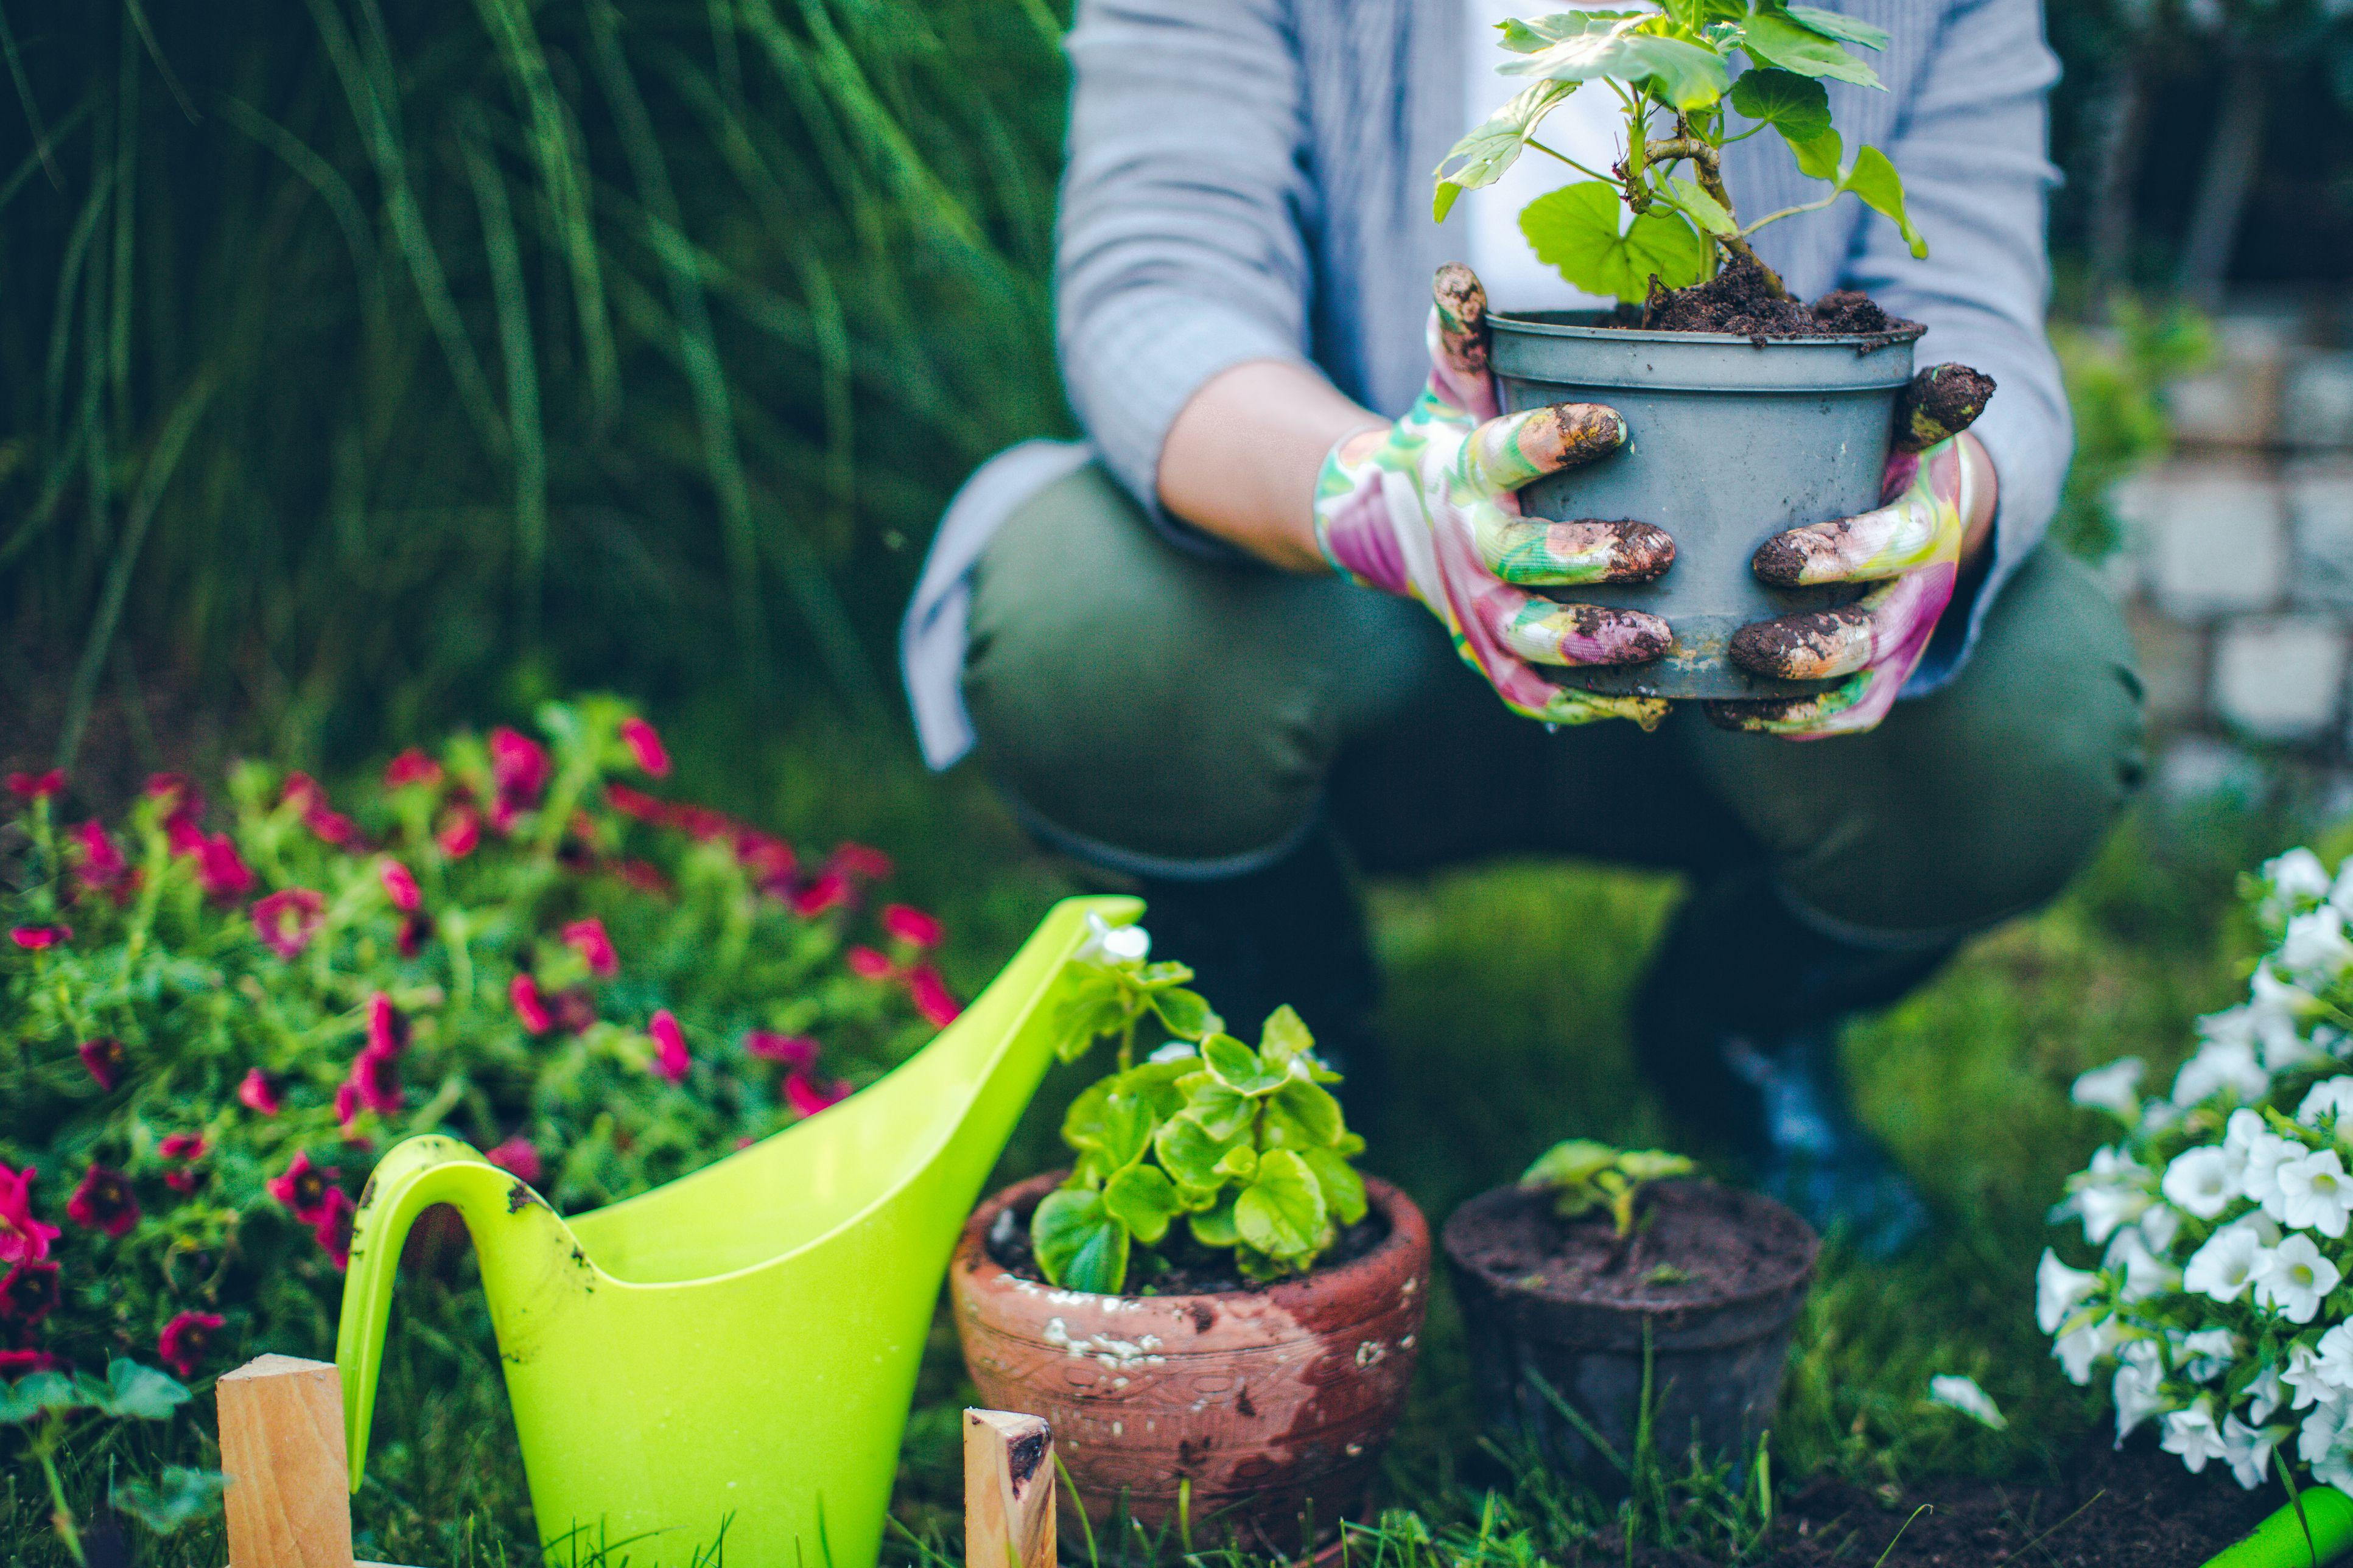 gardeners garden with gifts gardener amateur hamper best for s gift gardening dec set htm toiletries handcare